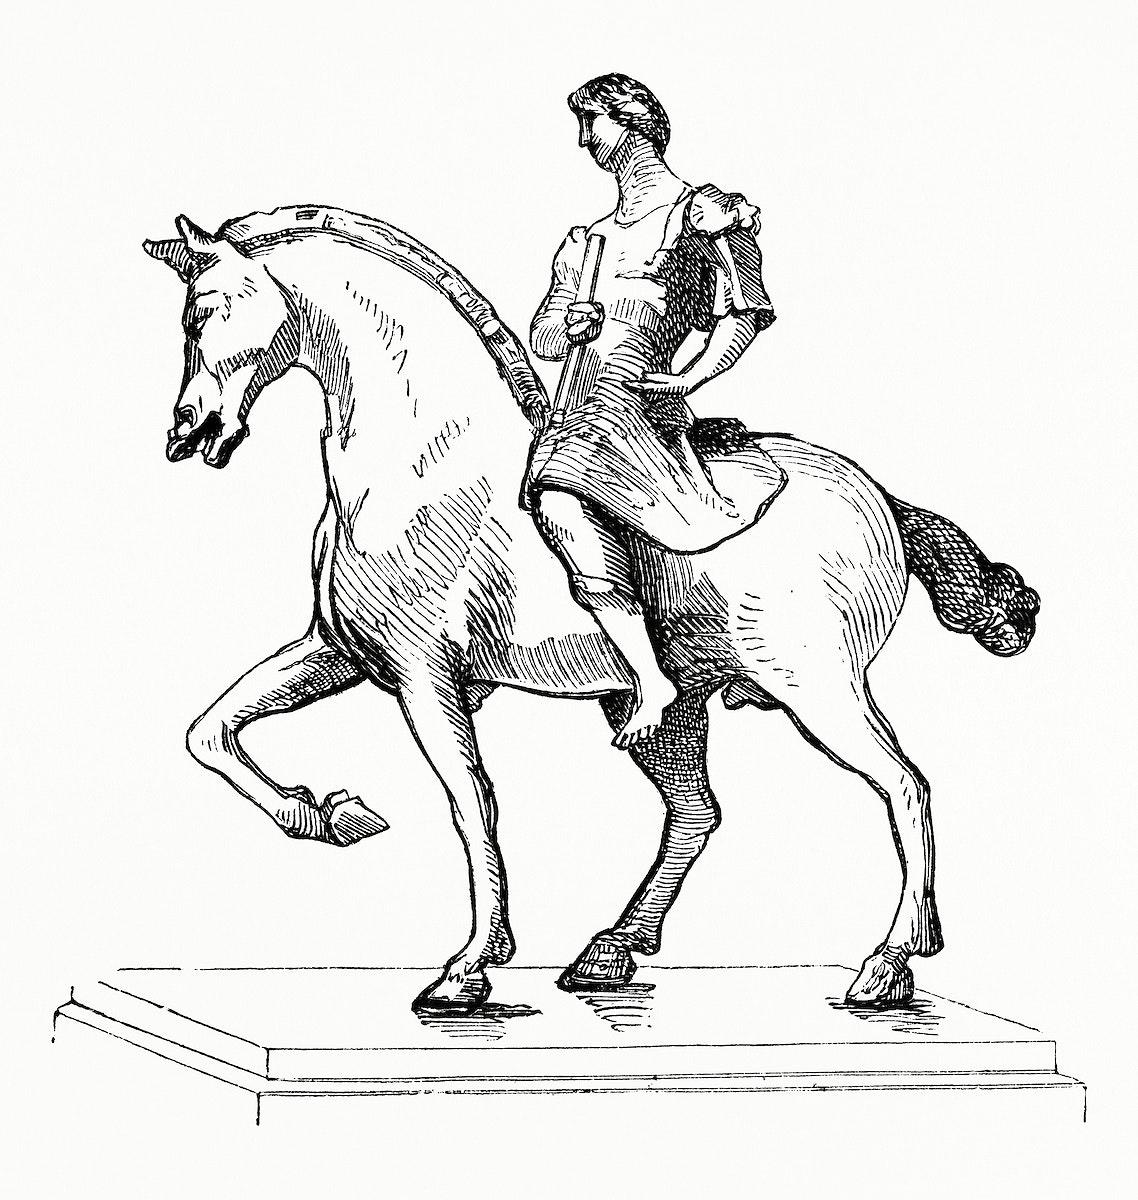 Vintage illustration of Man on a Horse